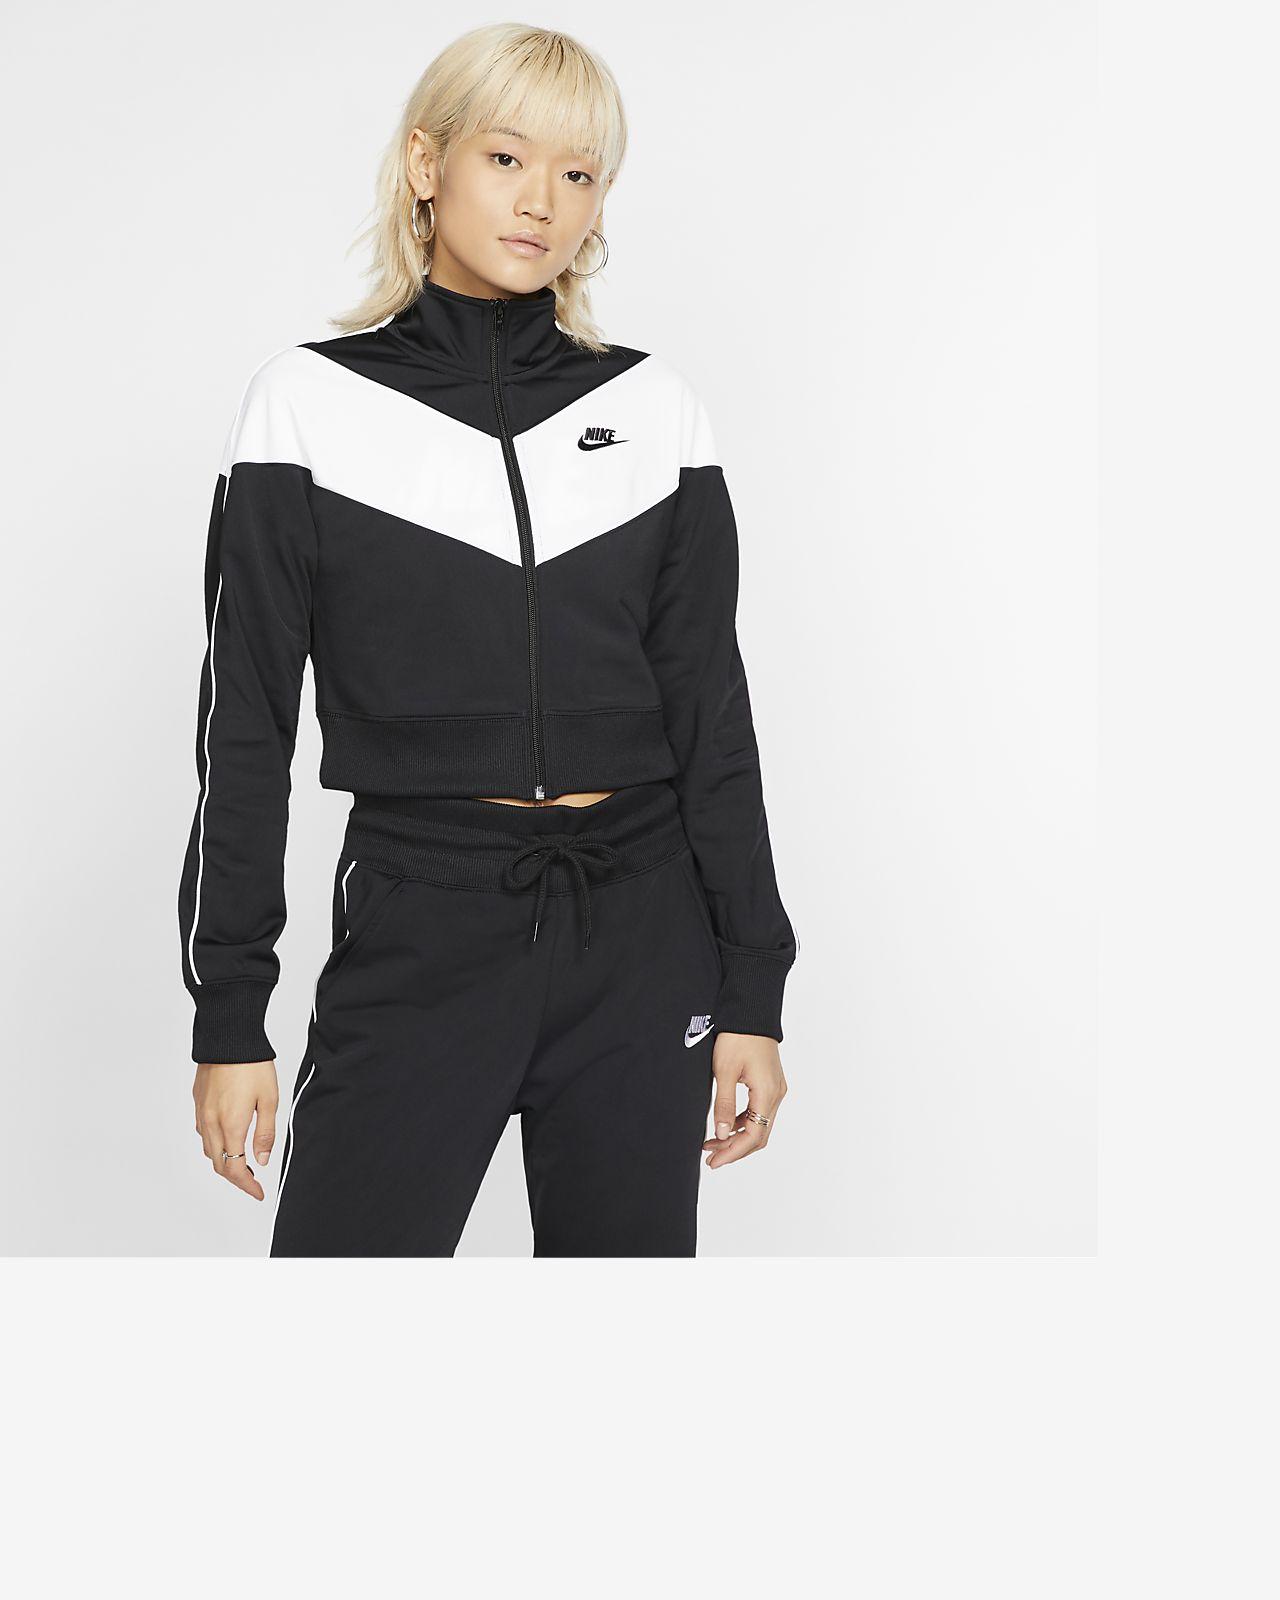 Nike Sportswear Heritage Women's Track Jacket